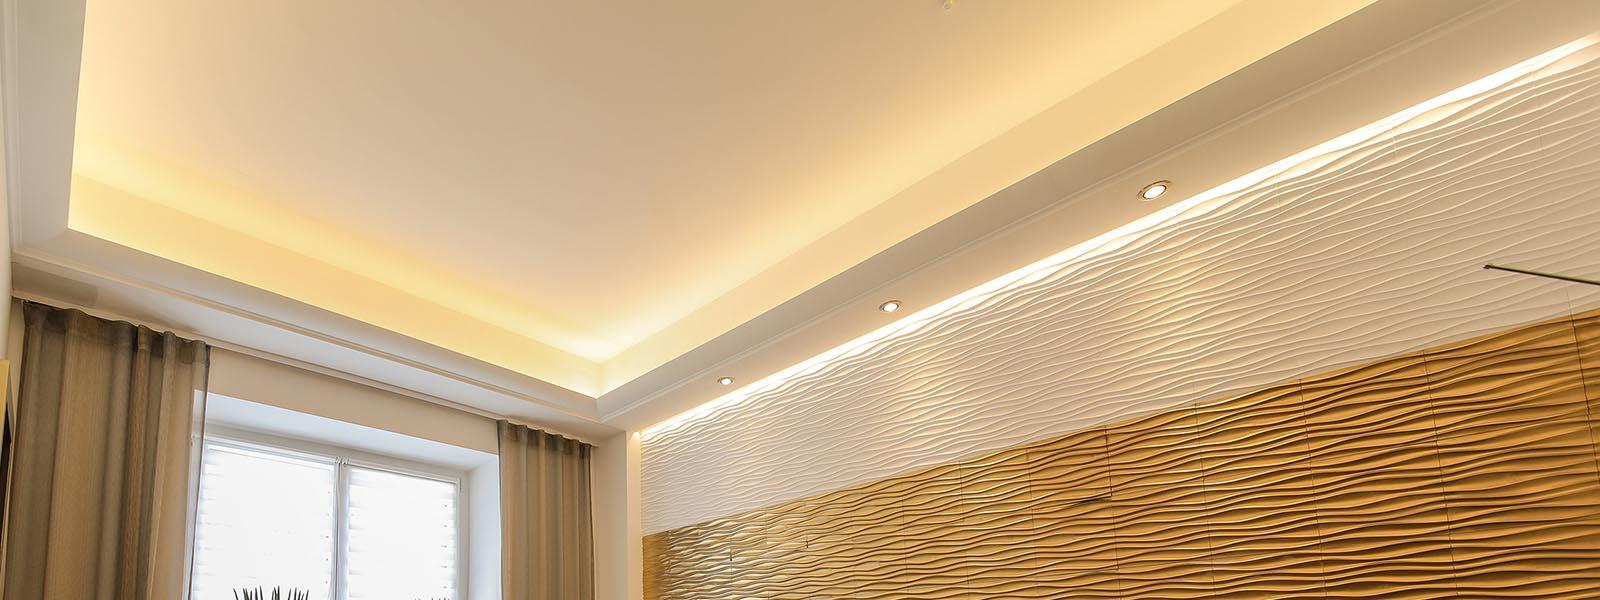 Full Size of Wohnzimmer Indirekte Beleuchtung Led Decke Selber Bauen Modern Ideen Machen Stuckleisten Deckenlampen Für Anbauwand Hängeleuchte Deckenleuchten Wohnwand Bad Wohnzimmer Wohnzimmer Indirekte Beleuchtung